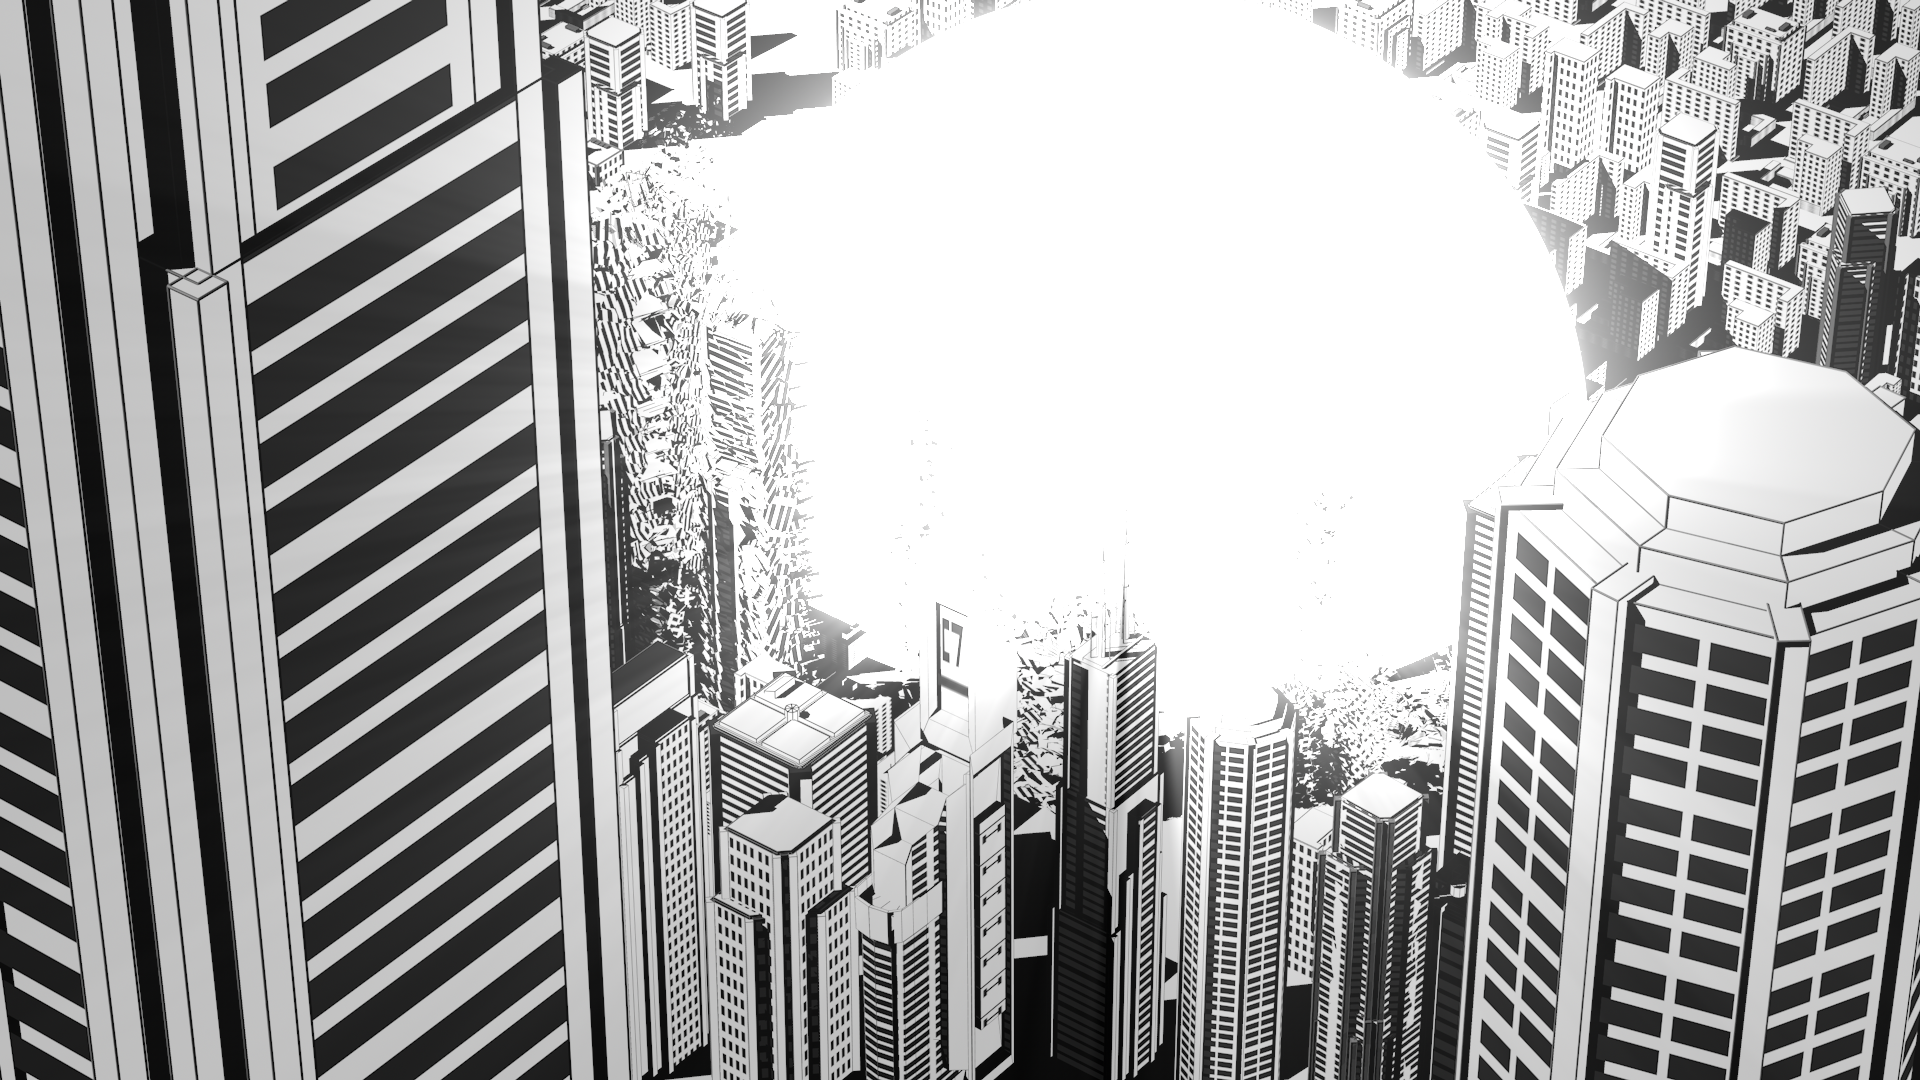 City_isometric_01